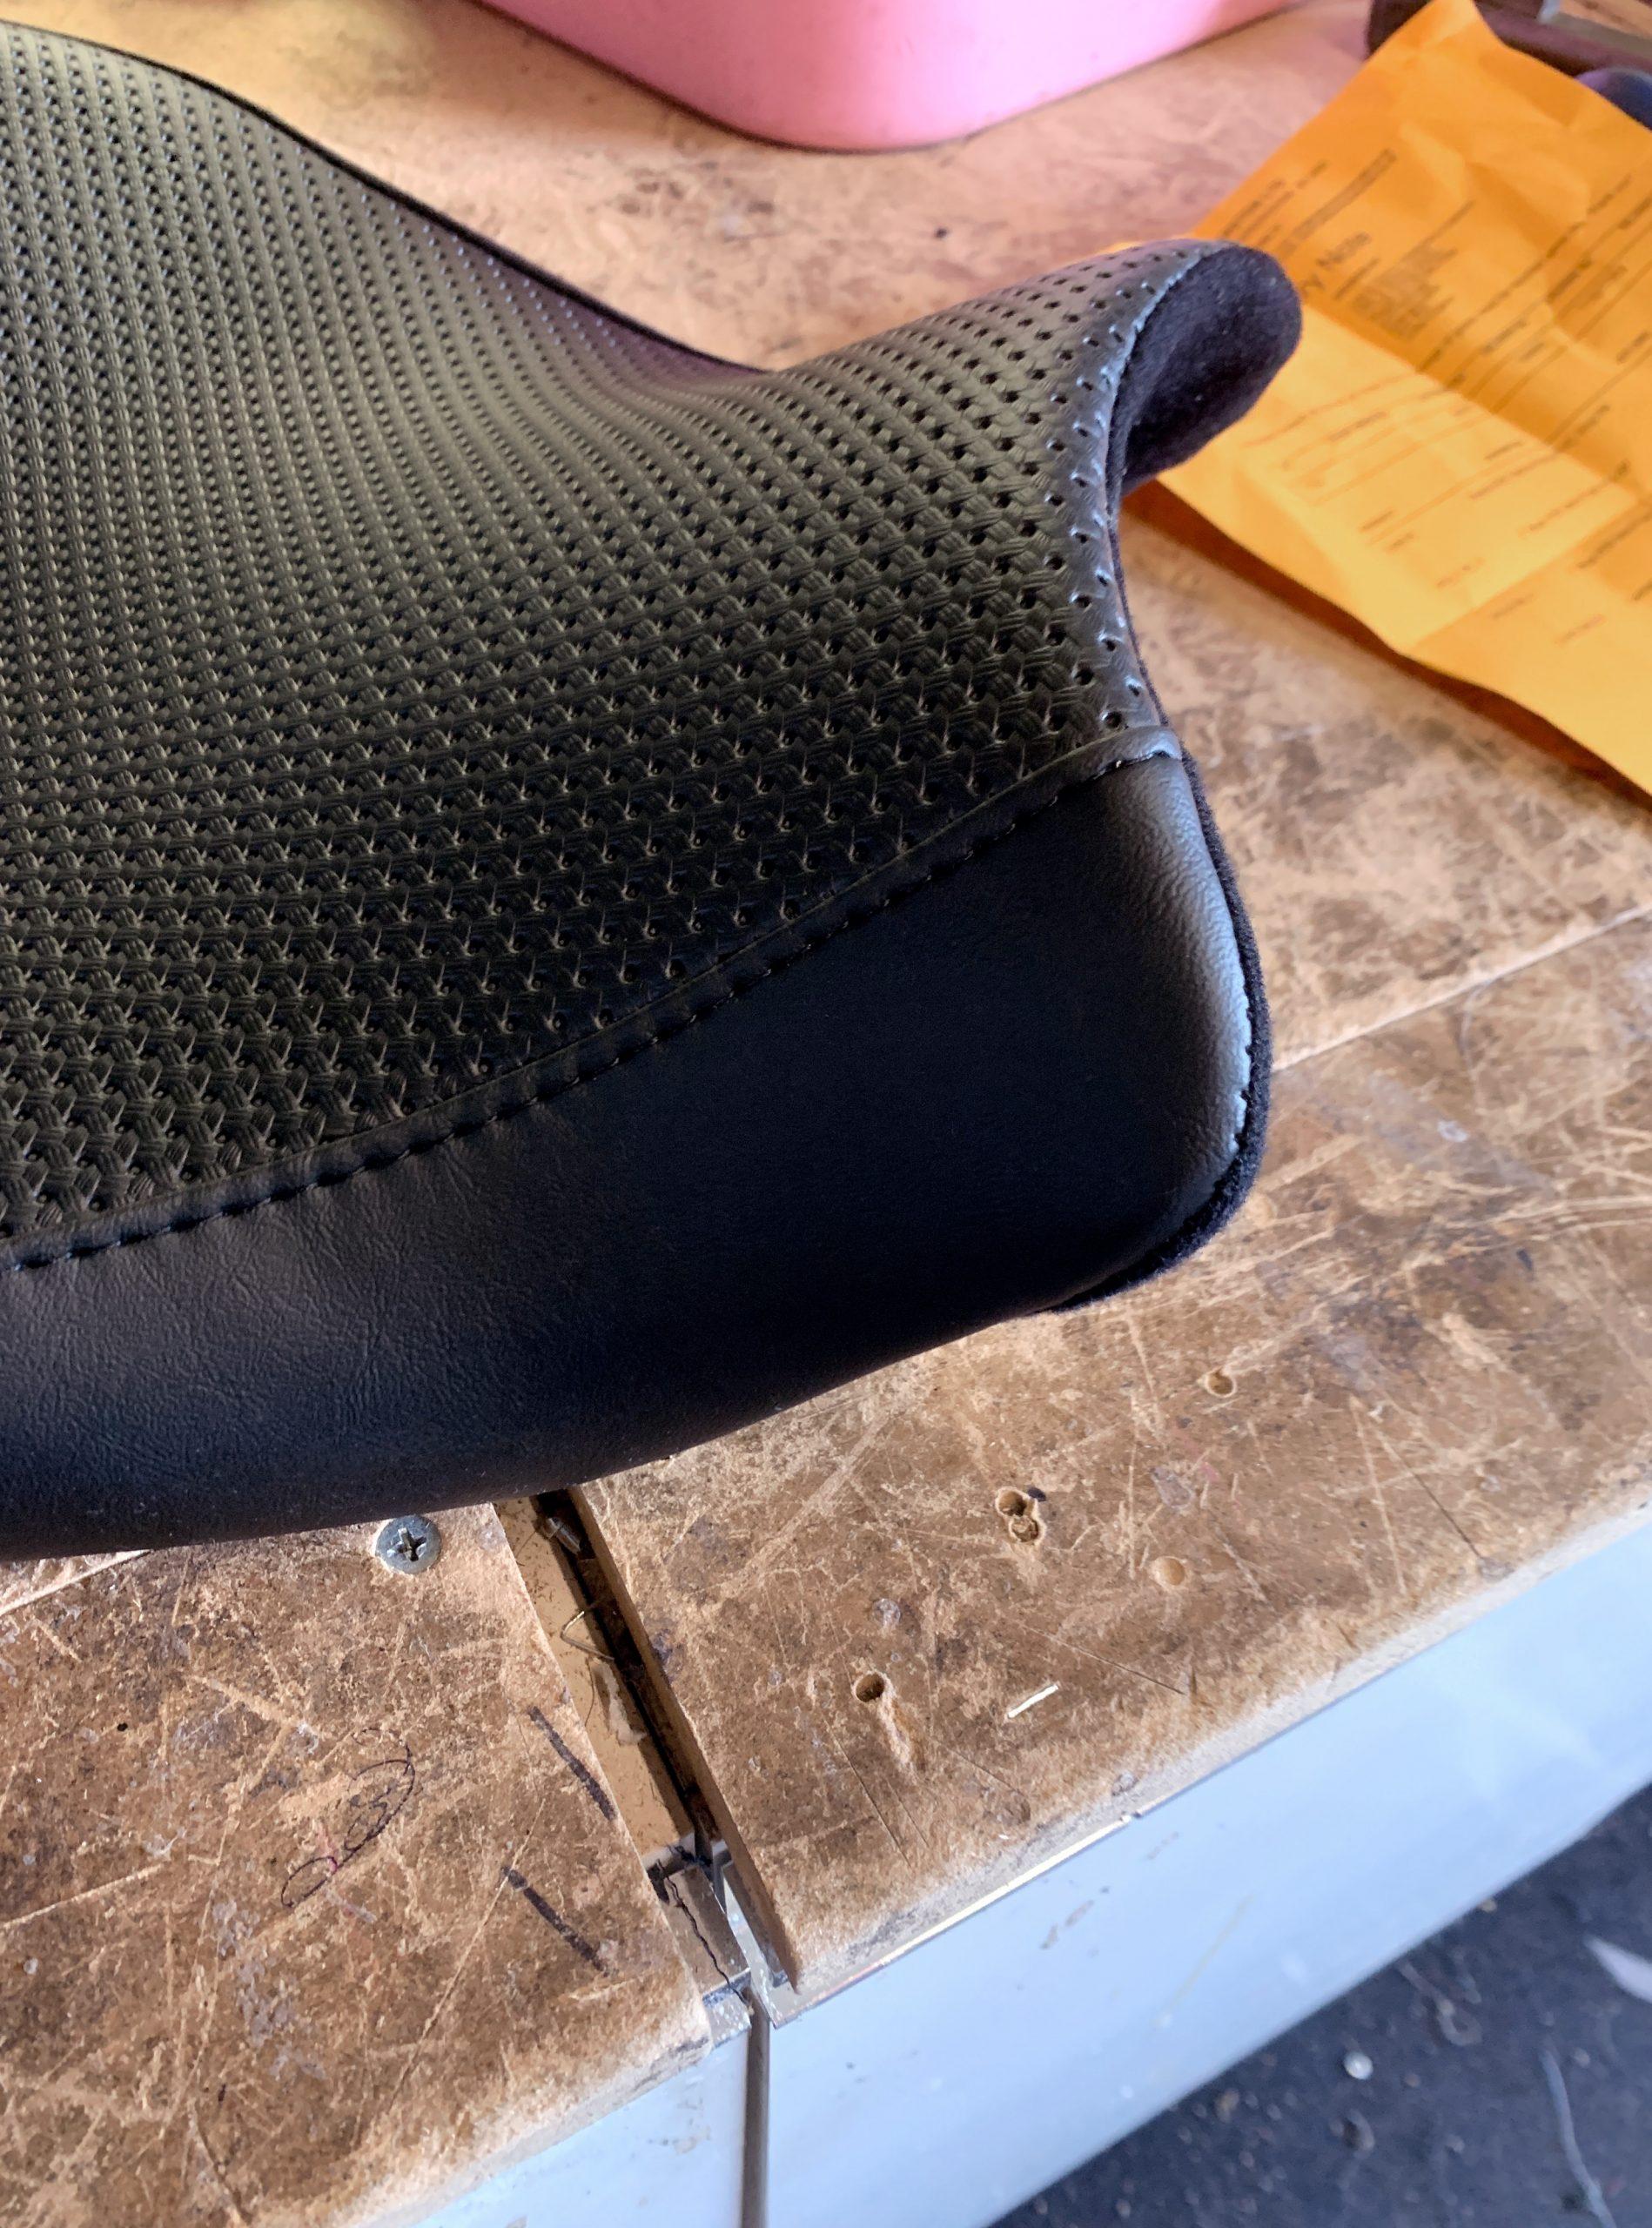 Motorbike+seat+detail